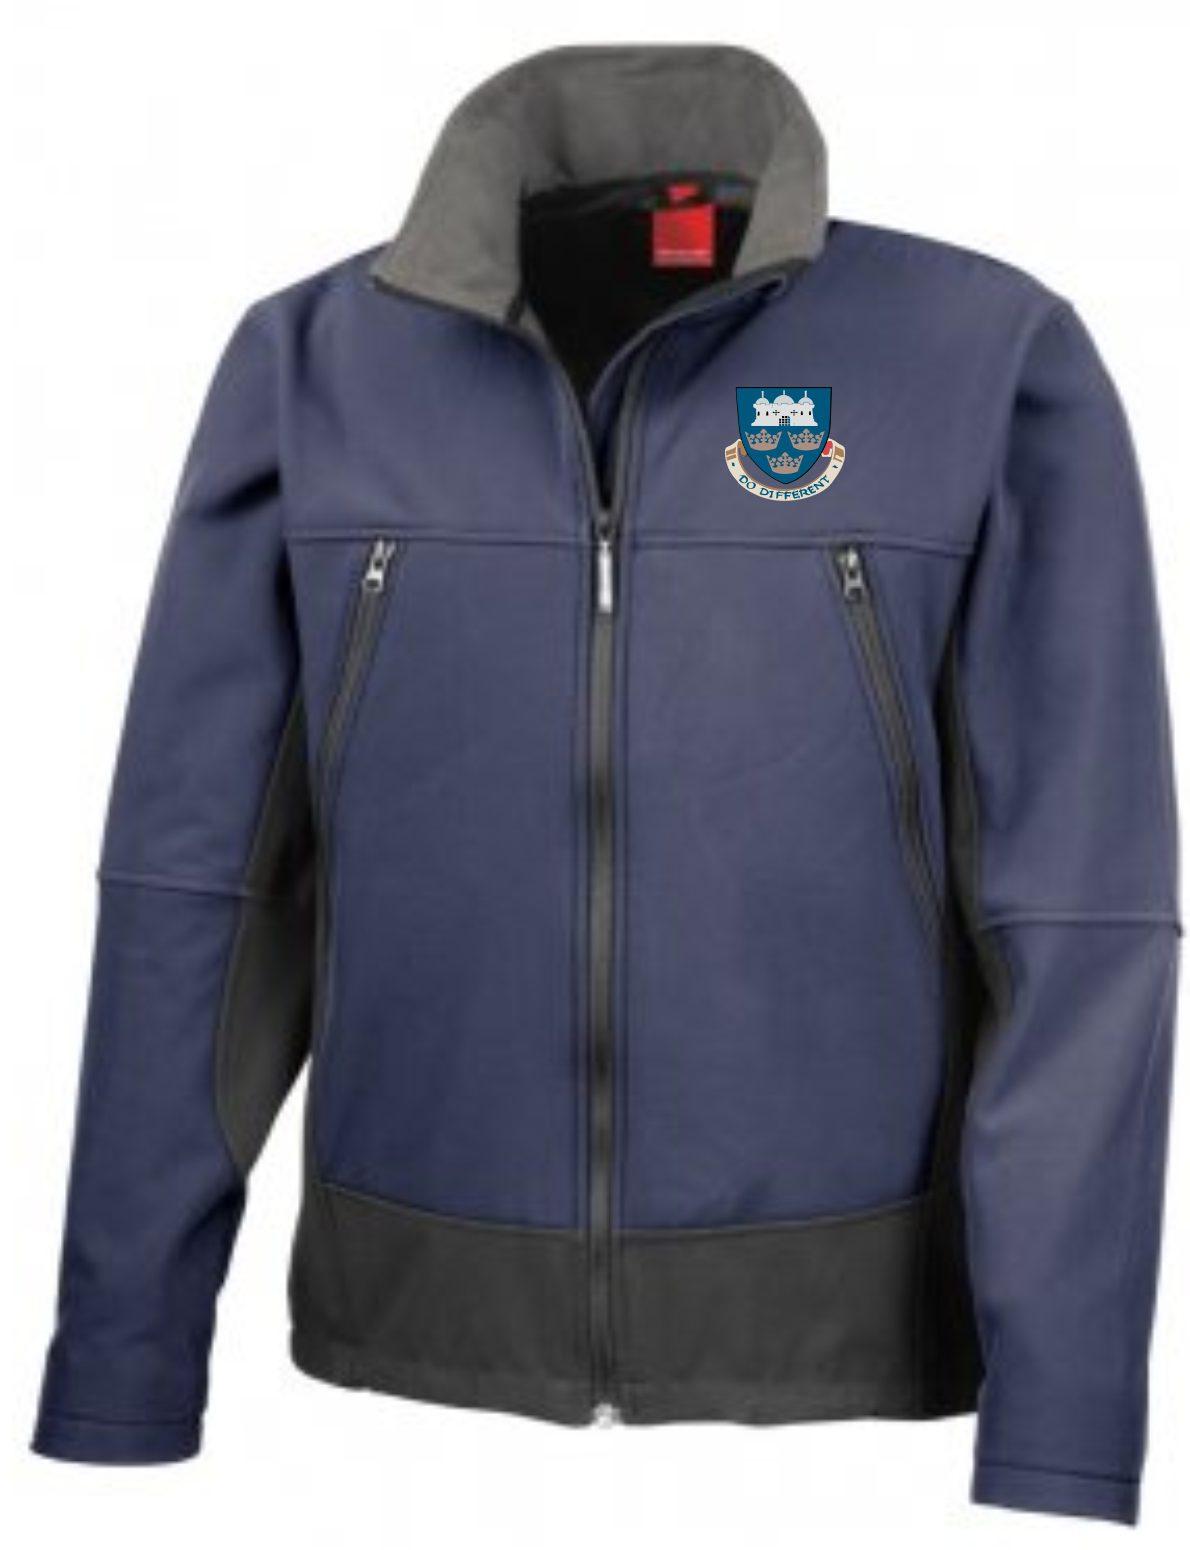 Uea Polo Soft Shell Jacket